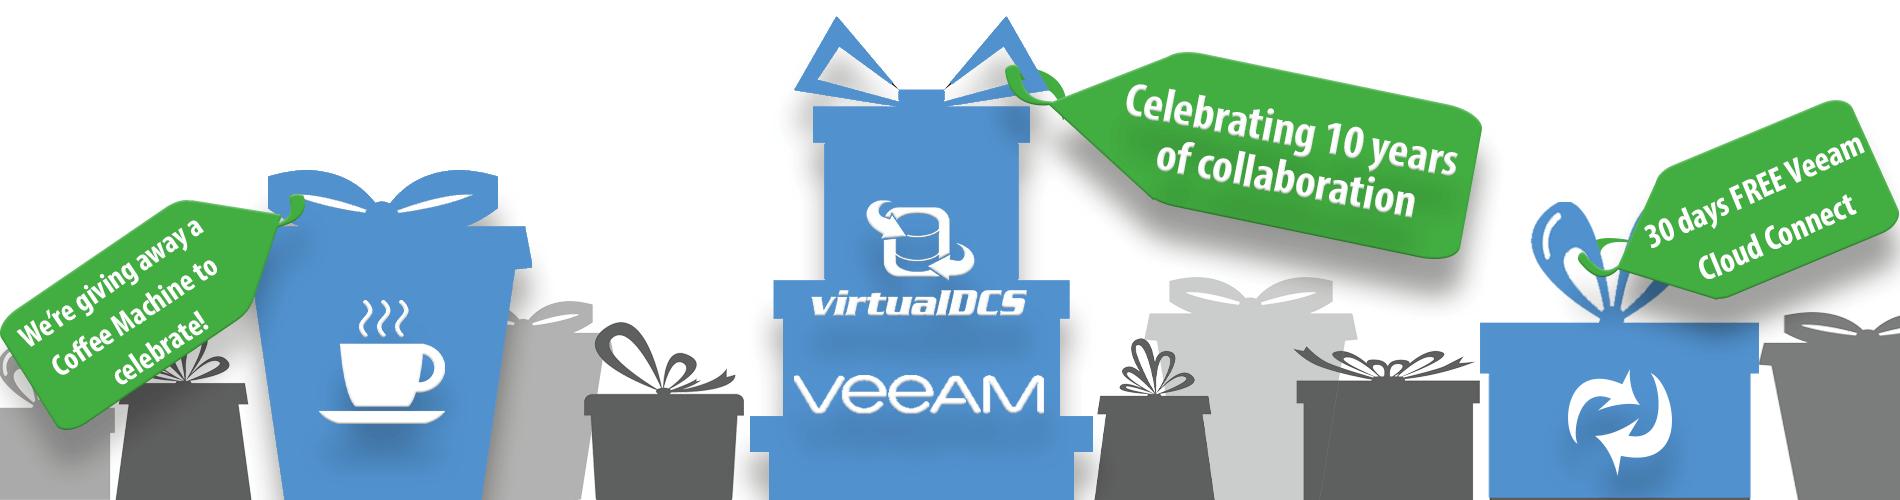 veeam-cloud-connect-partner-virtualDCS